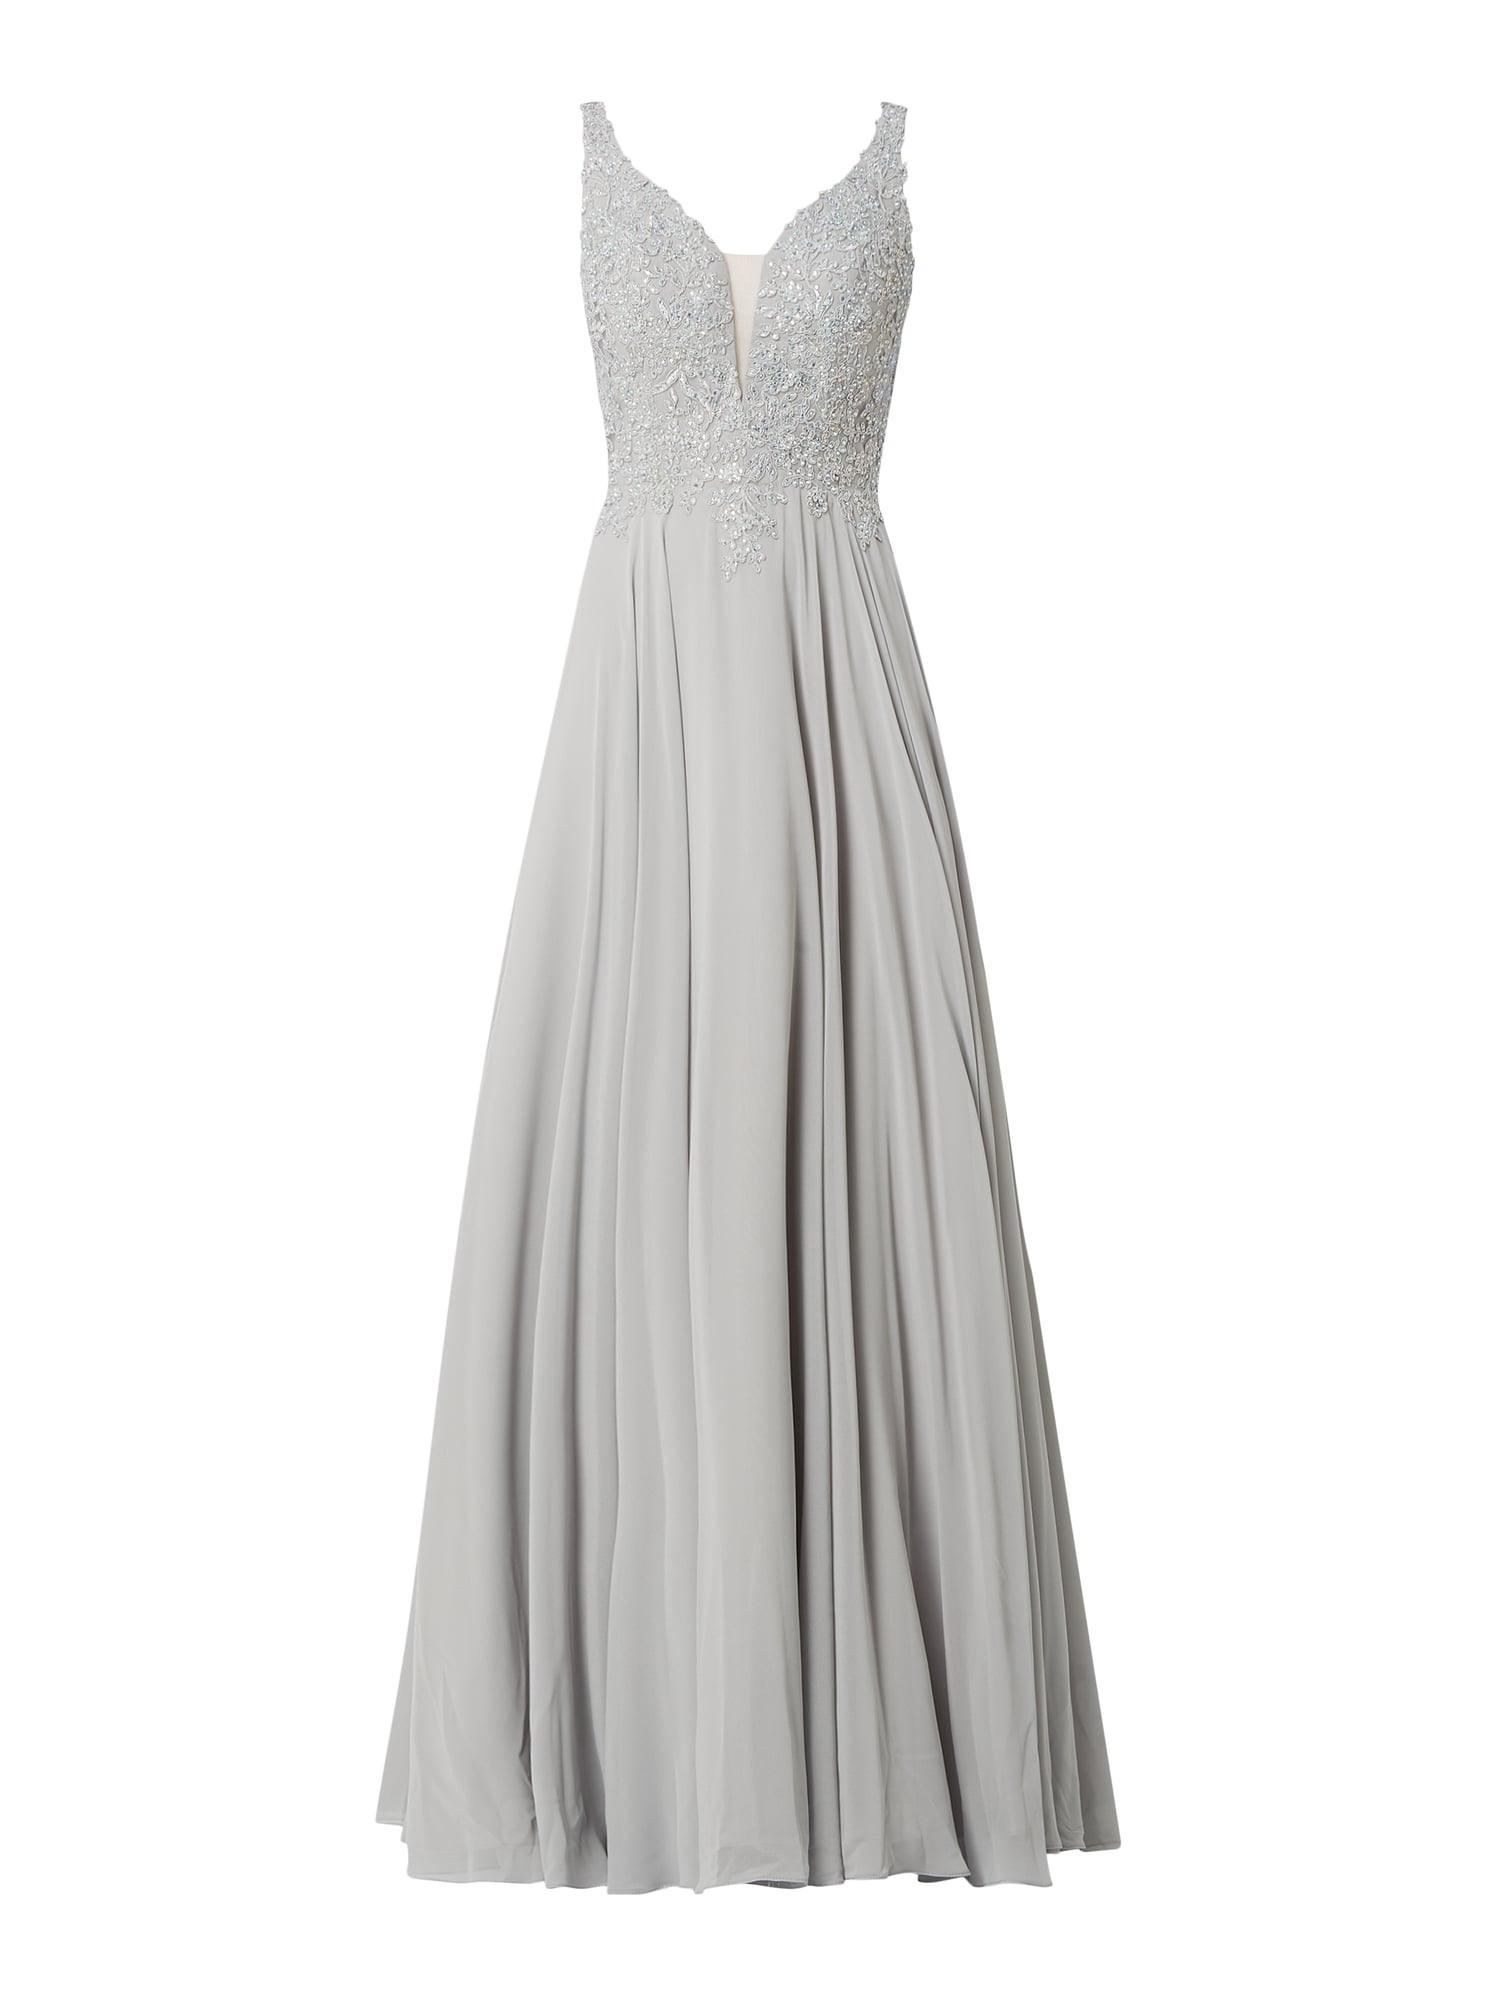 Coolste Abendkleid Grau Spezialgebiet20 Einfach Abendkleid Grau Bester Preis